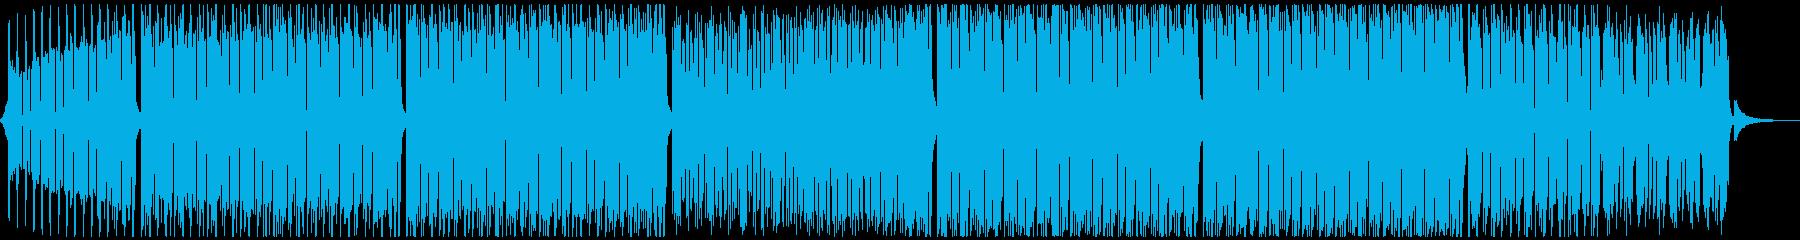 スポーツ音楽の再生済みの波形